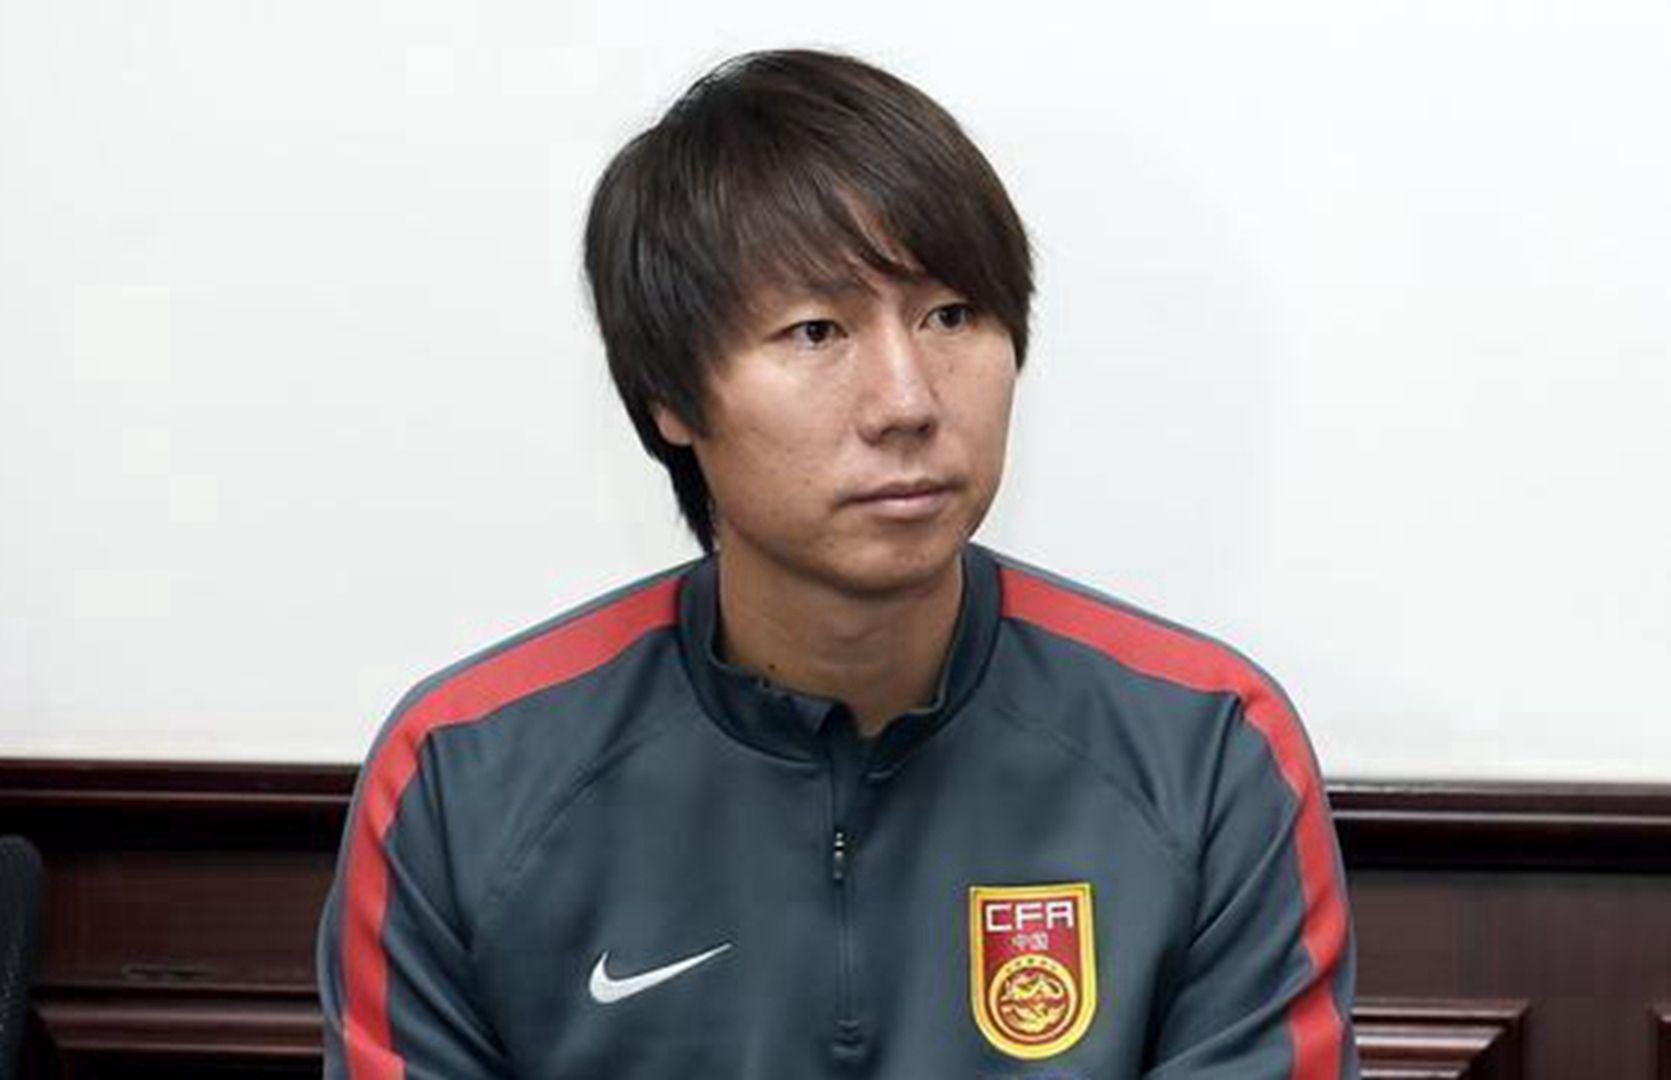 东体:集训队比国足人气高,缺乏国字号比赛经验是软肋